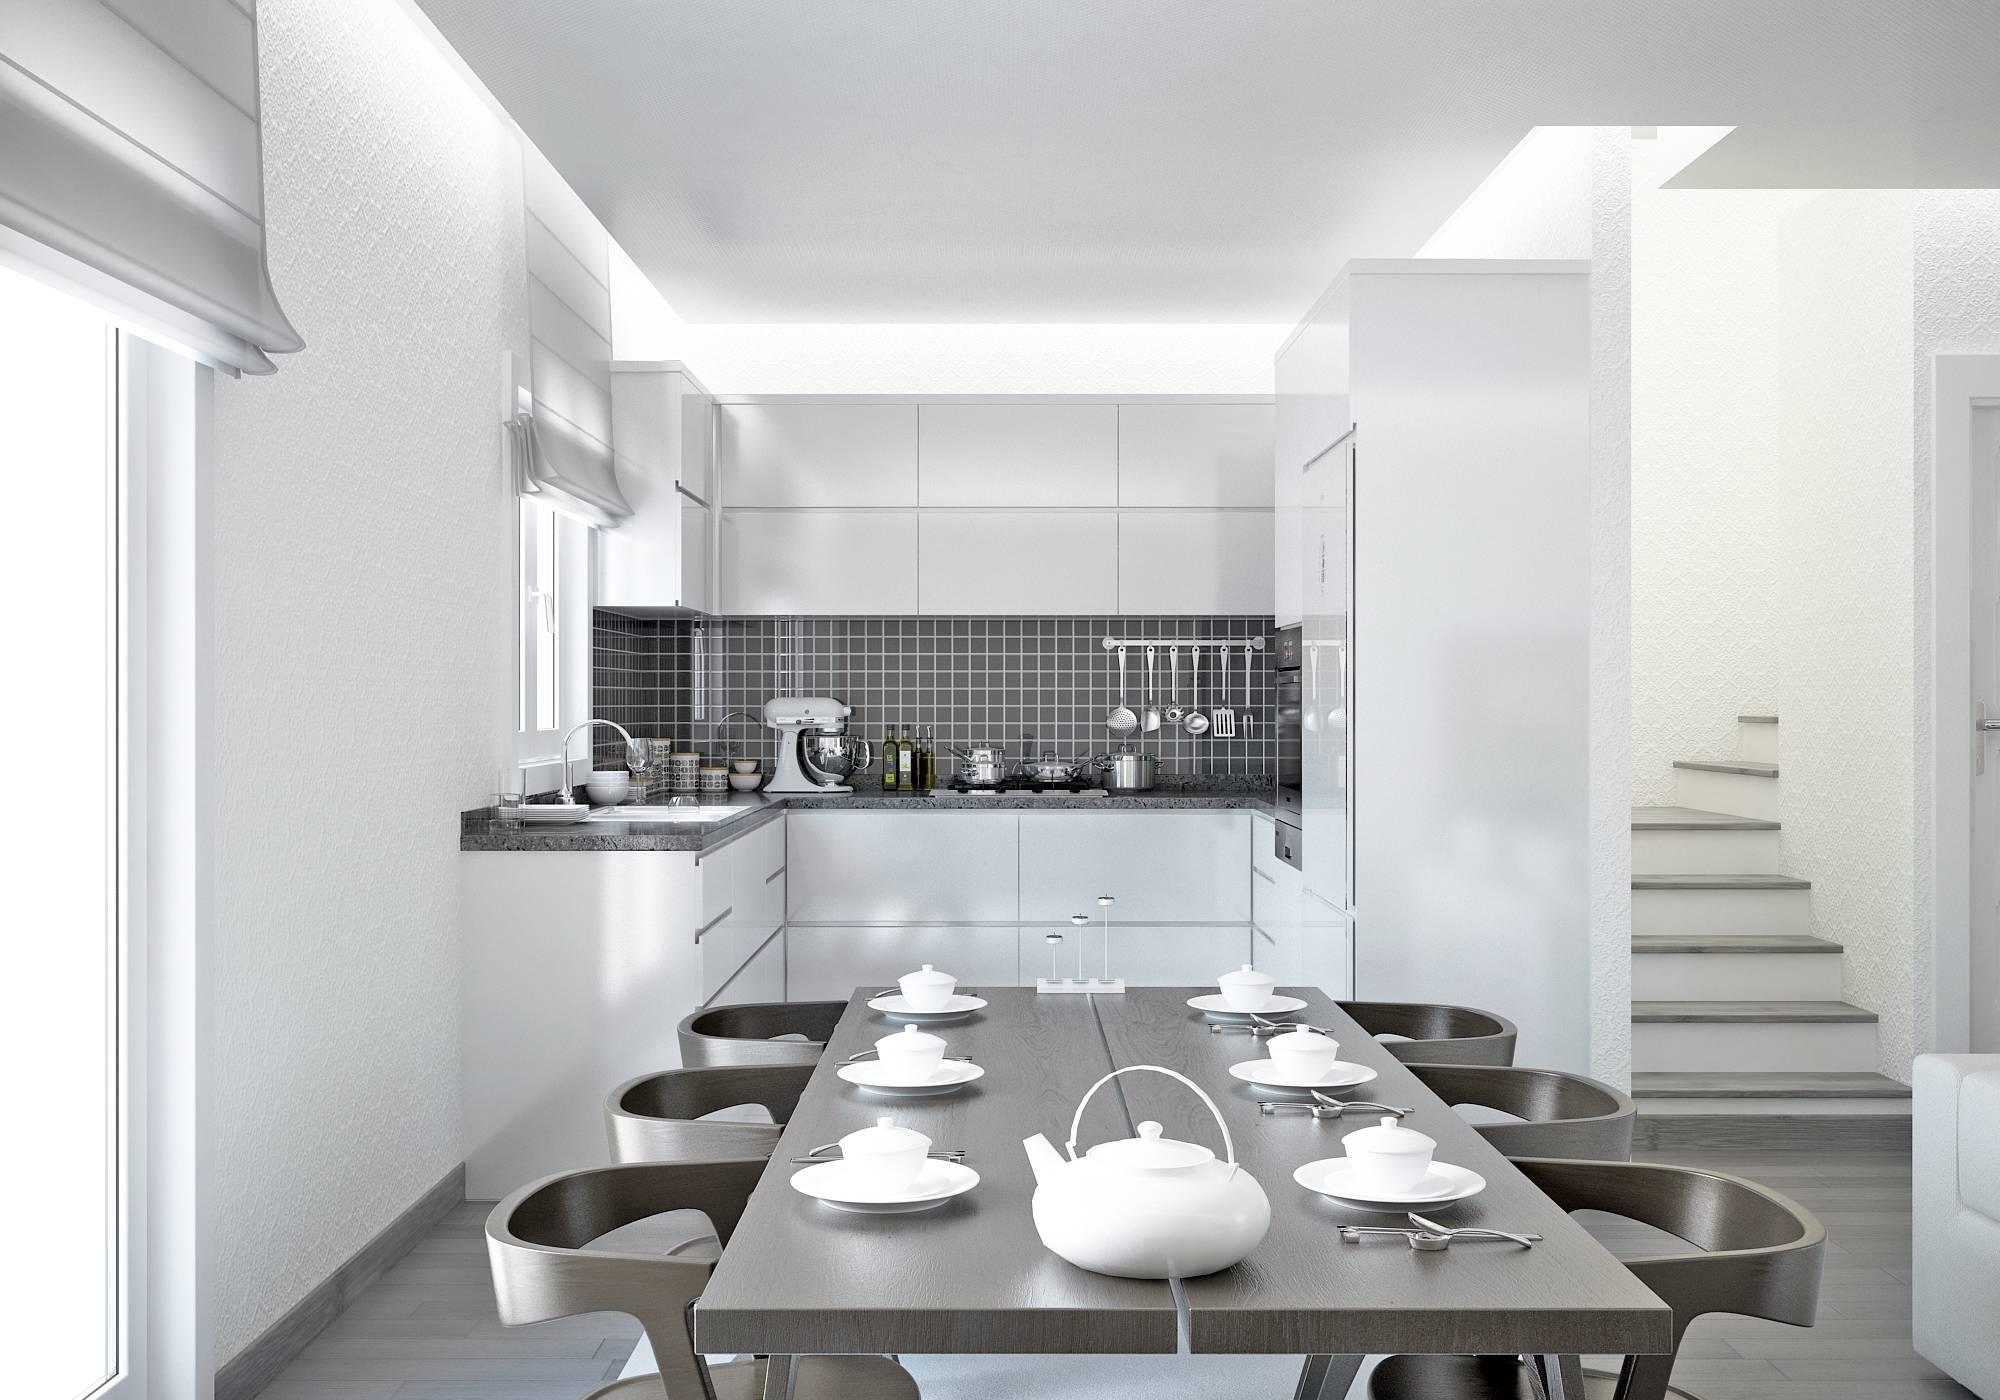 Villas cypr s 90m2 contruire dans la r gion paca mod les for Cuisine 11m2